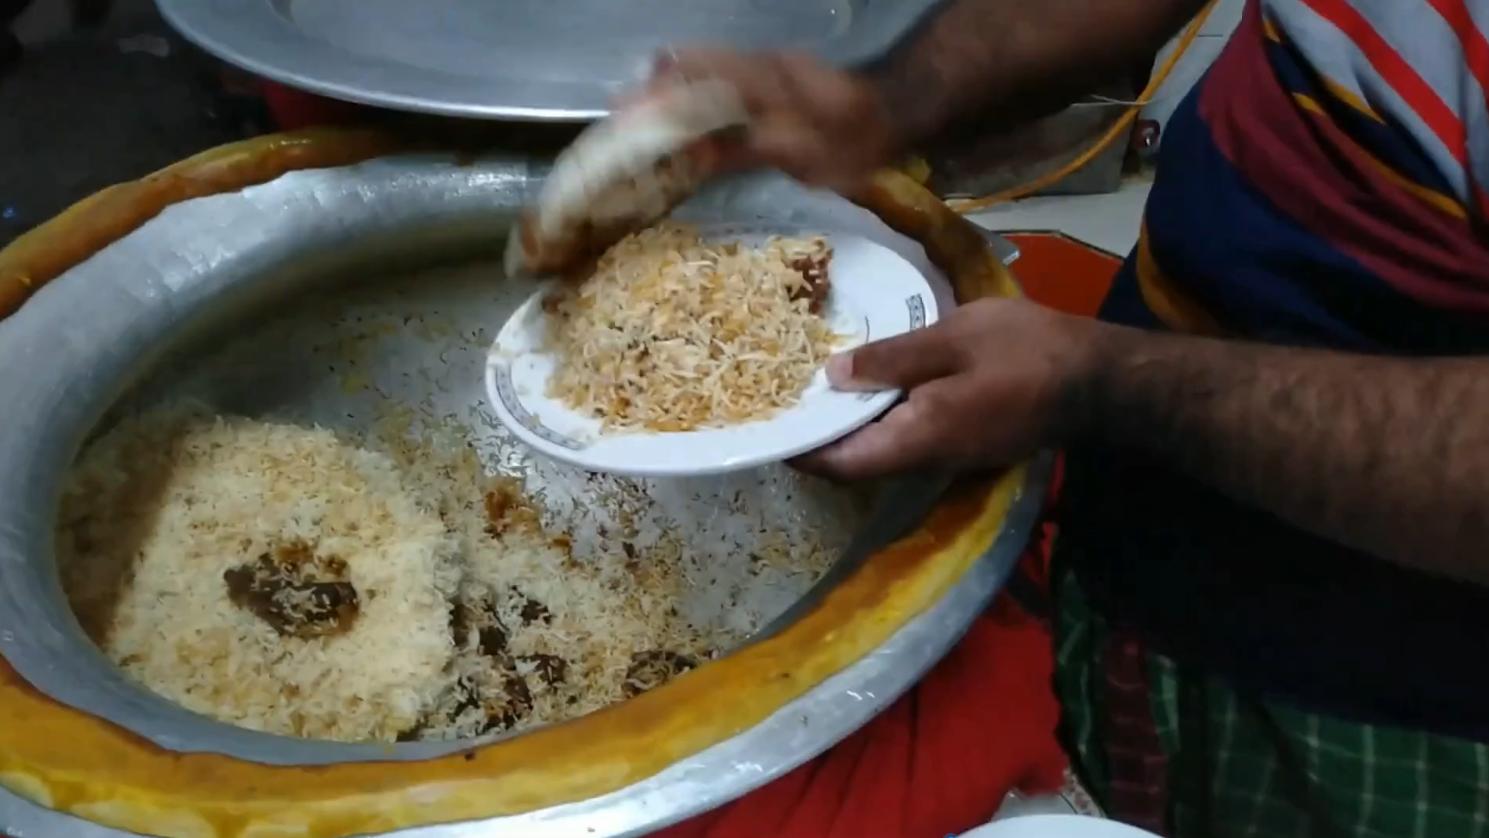 印度街头大锅米饭,盘子打的分量多的惊人,用手抓着吃却没食欲!